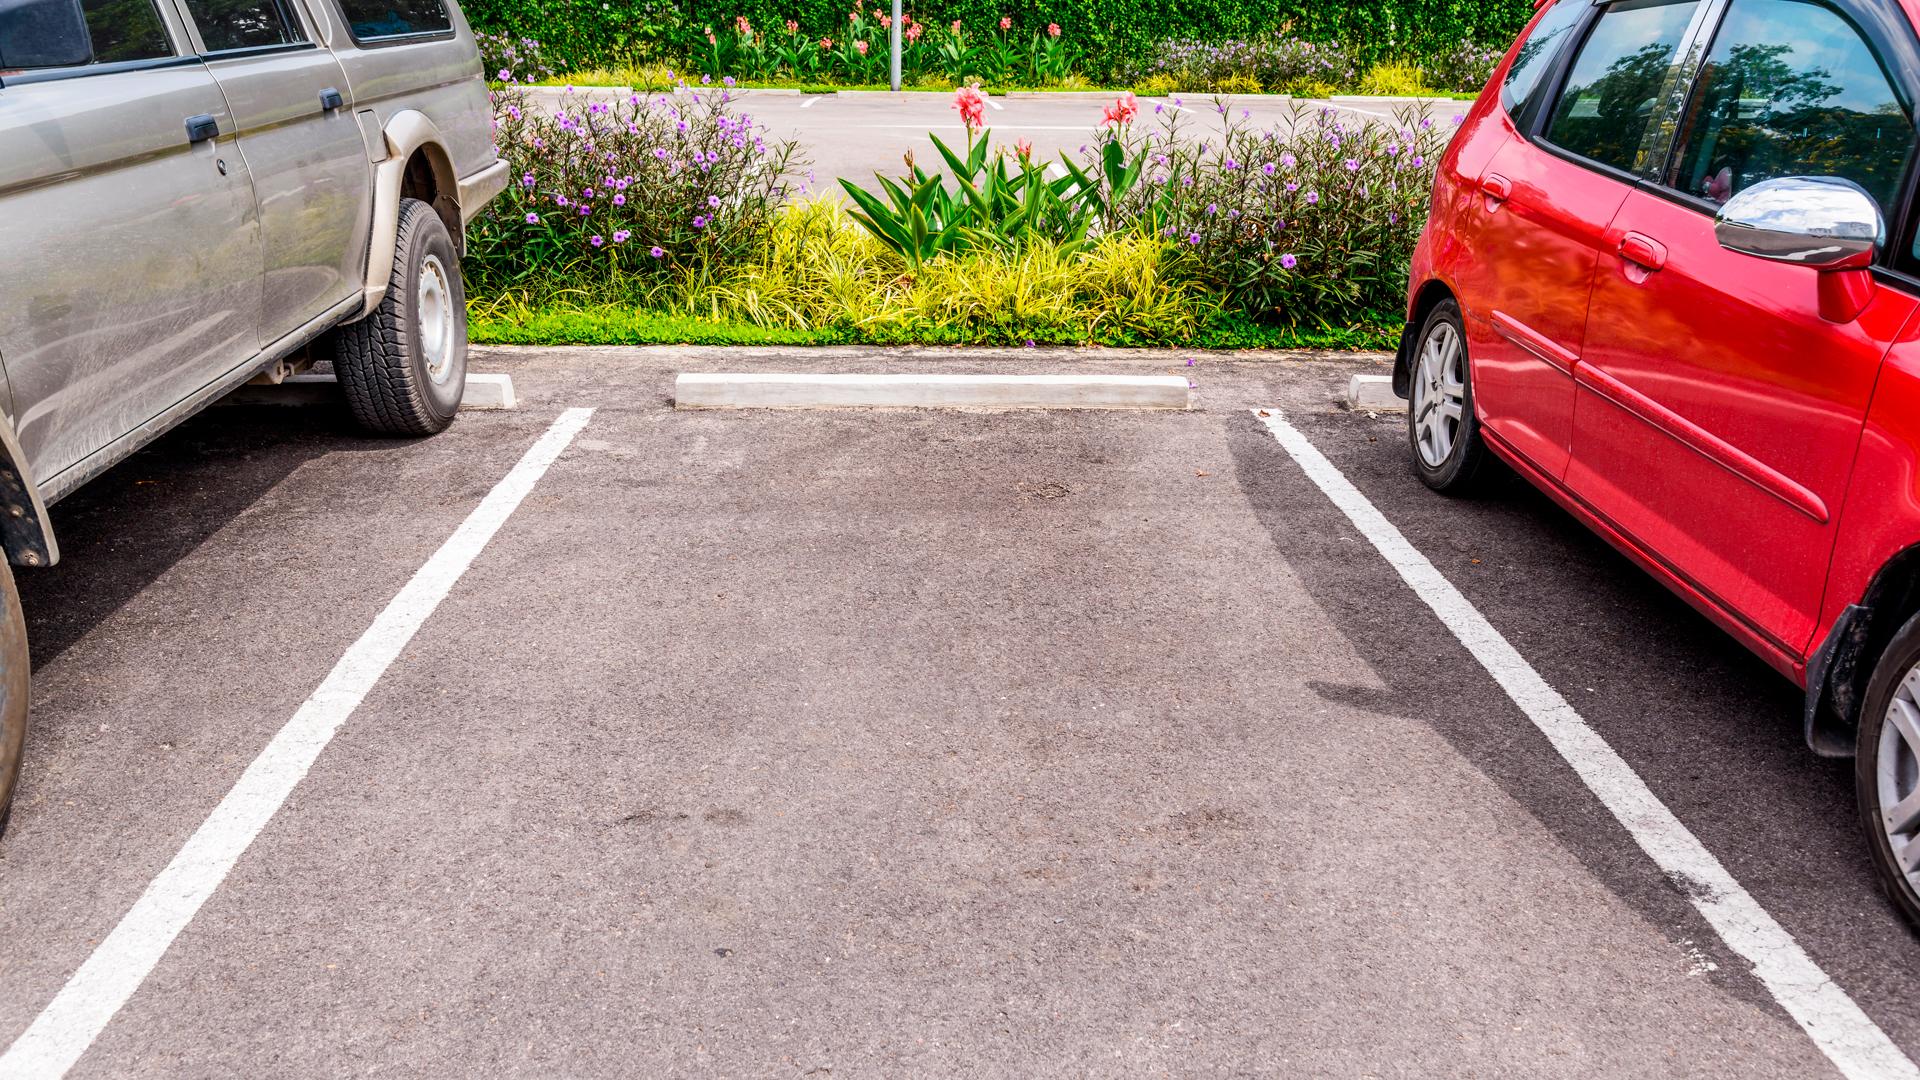 Tyhjä parkkiruutu